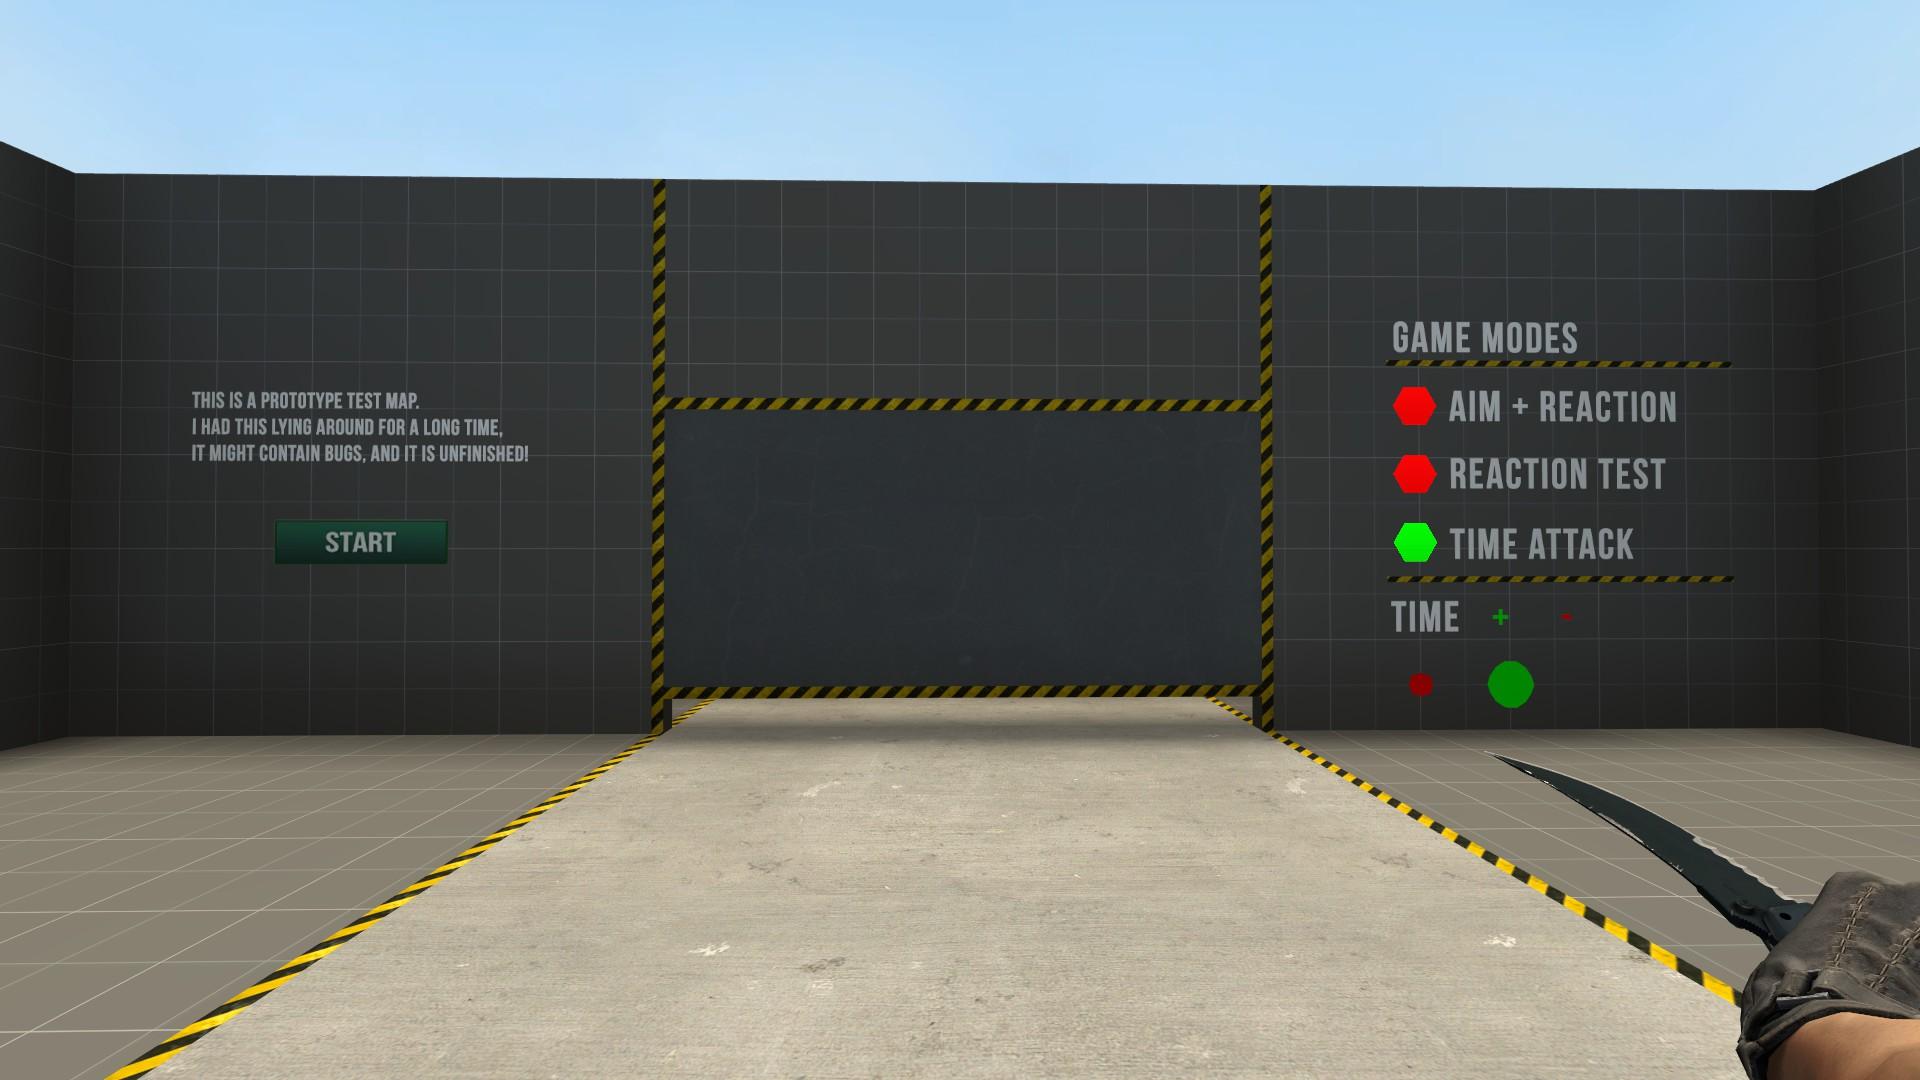 Скачать карту Aim React [Experimental] для CS:GO